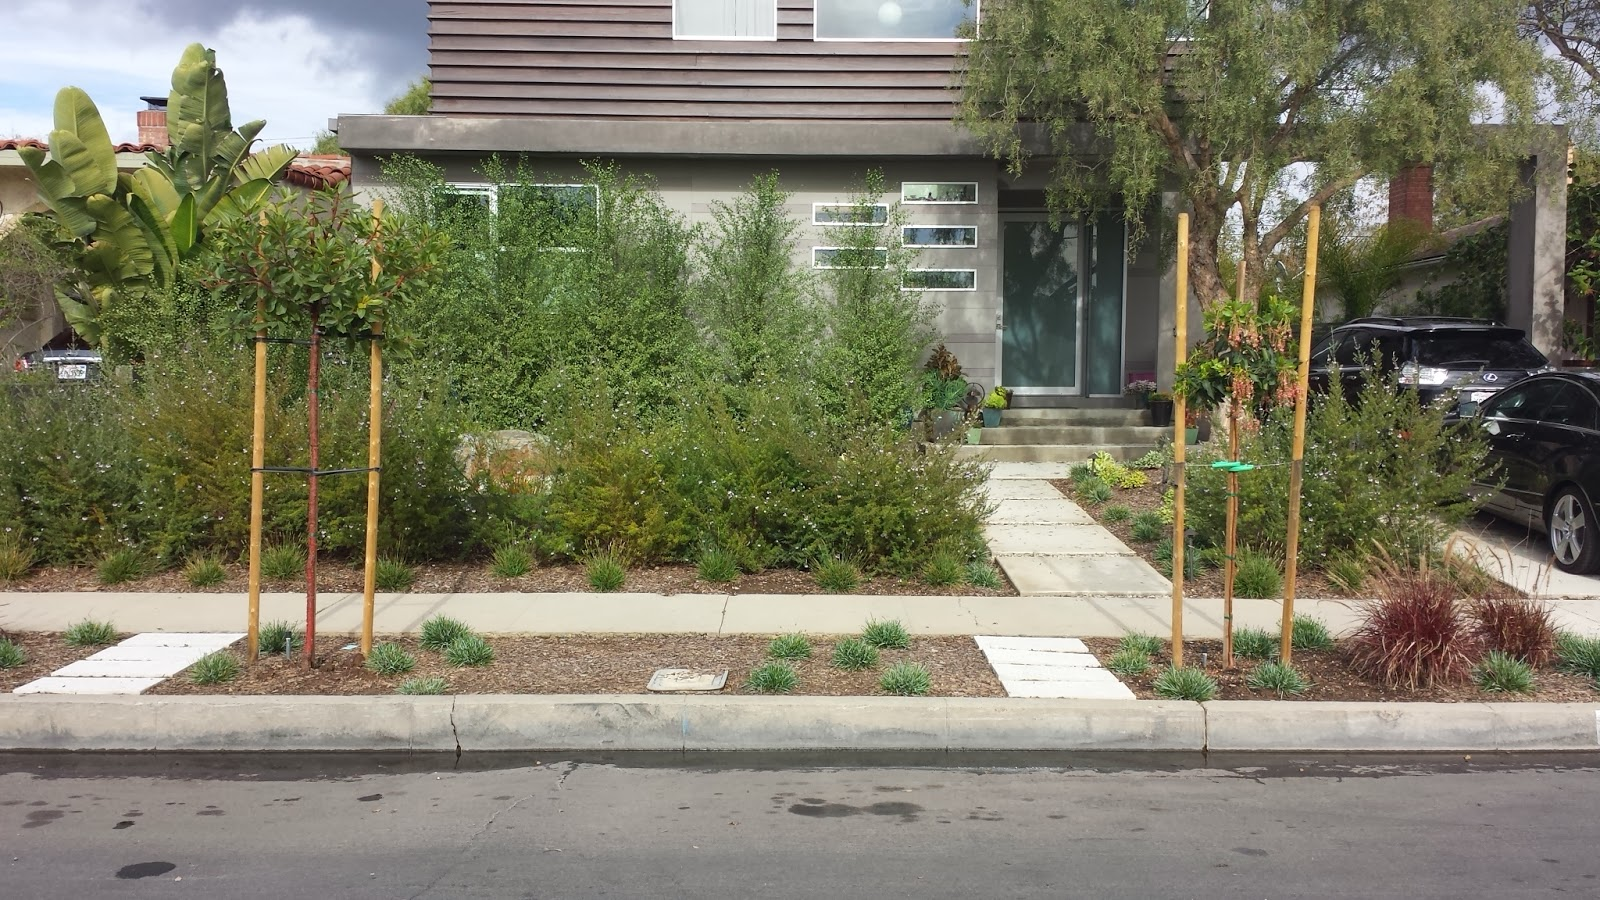 mar vista green garden showcase 3764 stewart avenue cluster 4